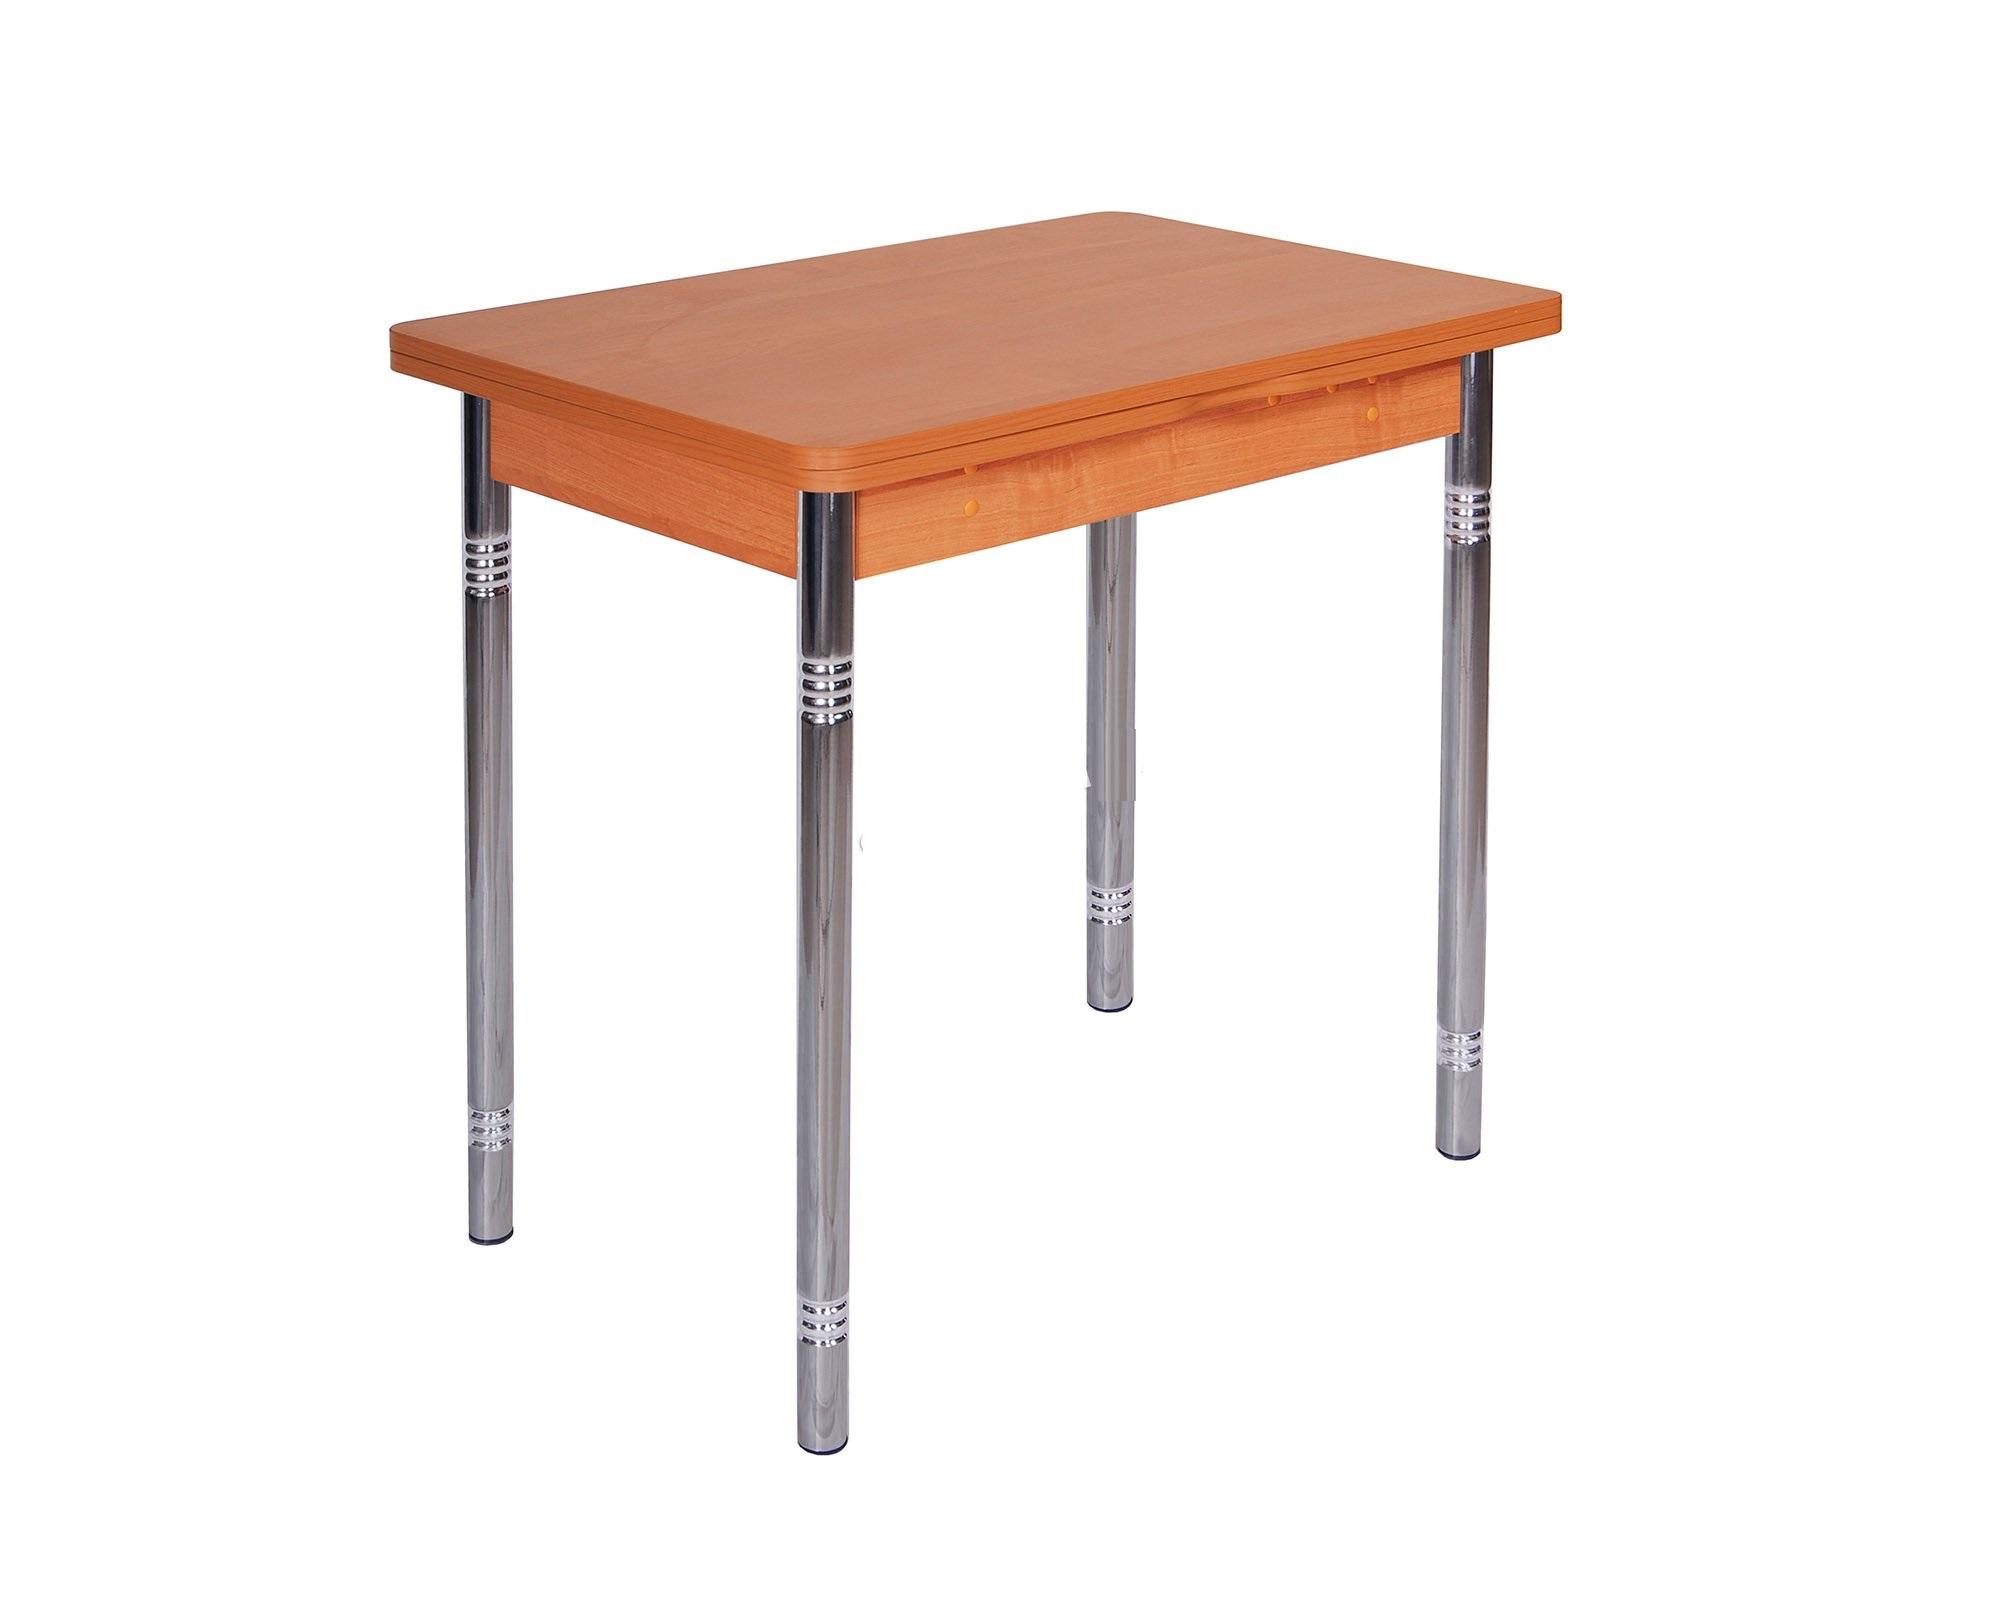 Купить недорогой обеденный стол орфей 8 - интернет-магазин м.